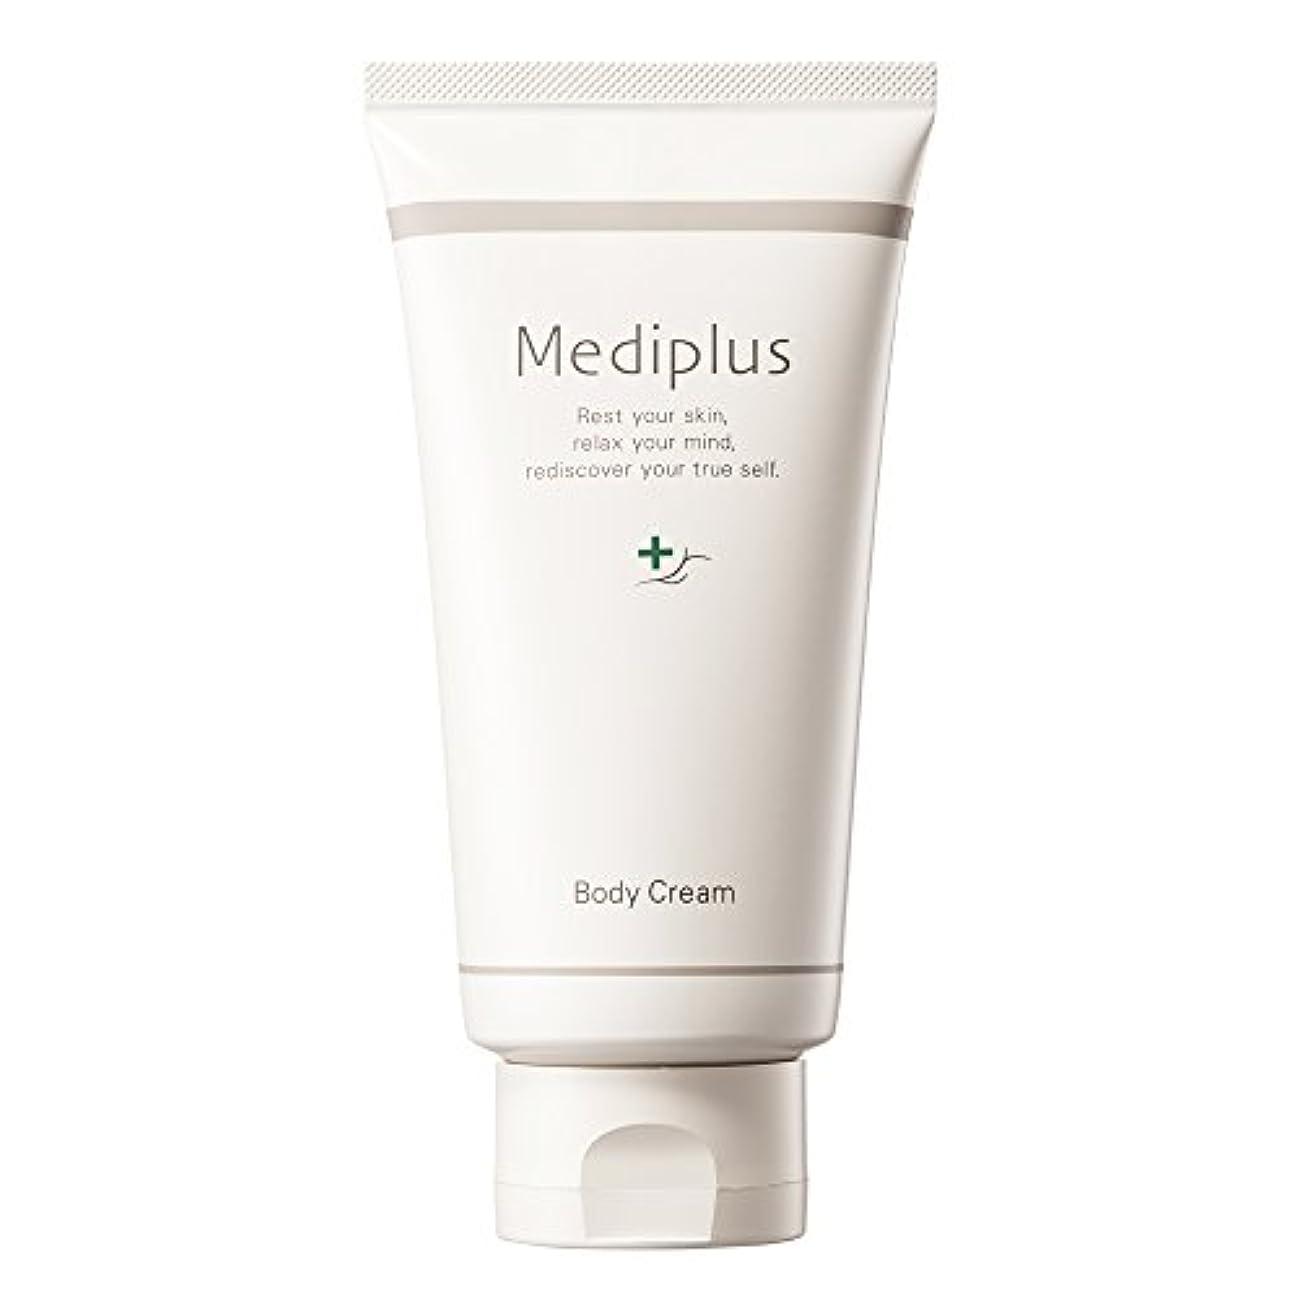 インフルエンザ接尾辞mediplus メディプラスボディクリーム 150g(約2ヵ月分)